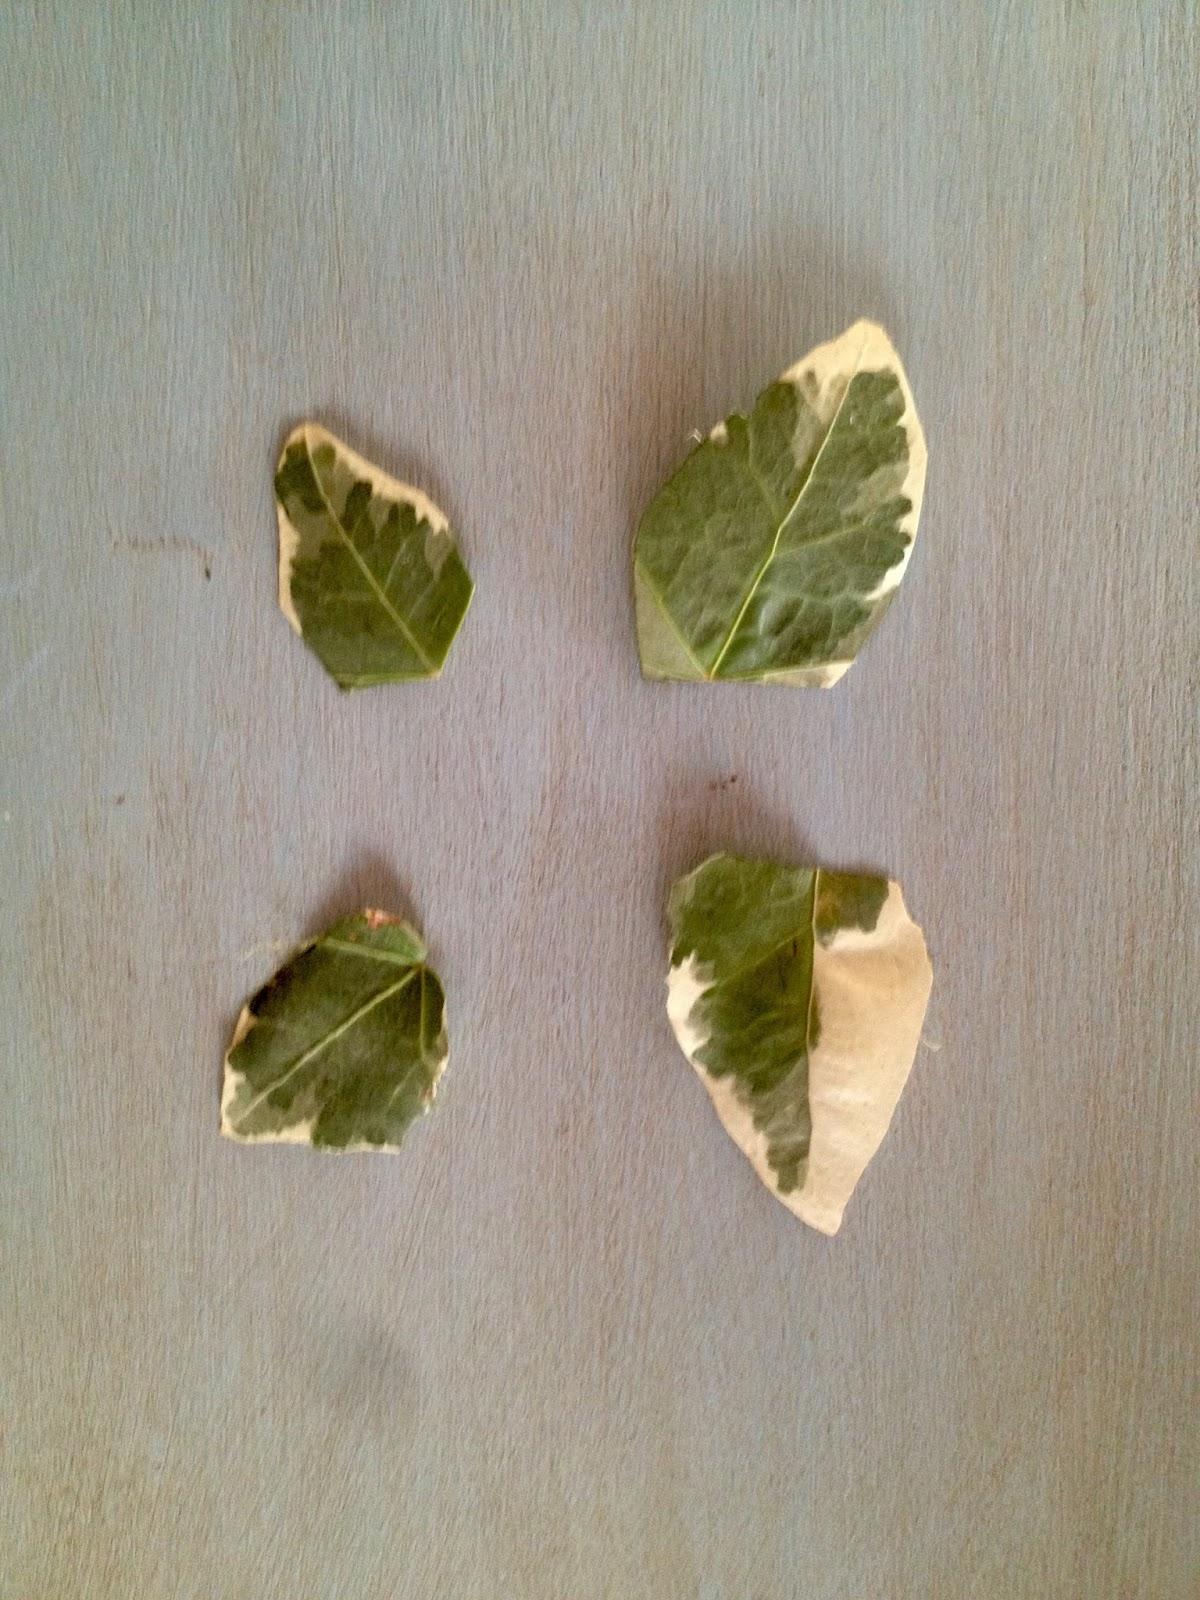 inteGrado: Mariposa Ecológica (Angélica Cerveró)